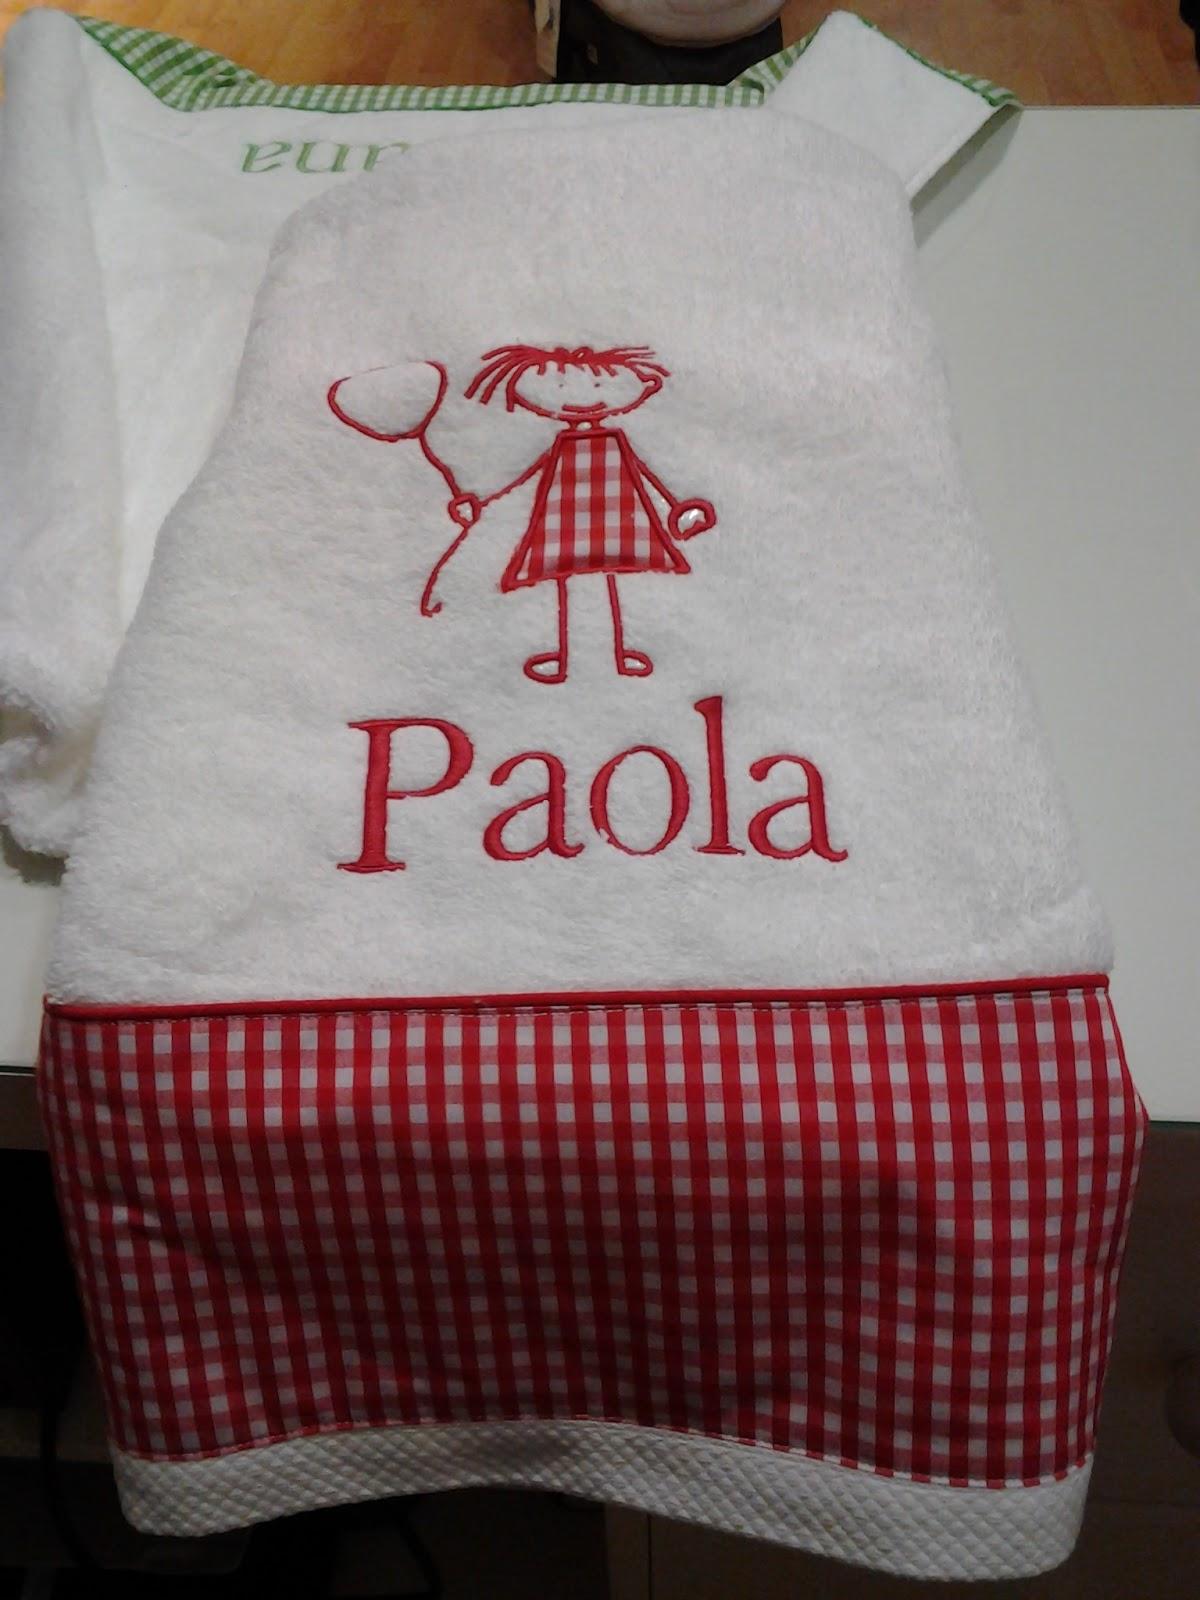 La luna de pablo toallas personalizadas - Toallas infantiles personalizadas ...